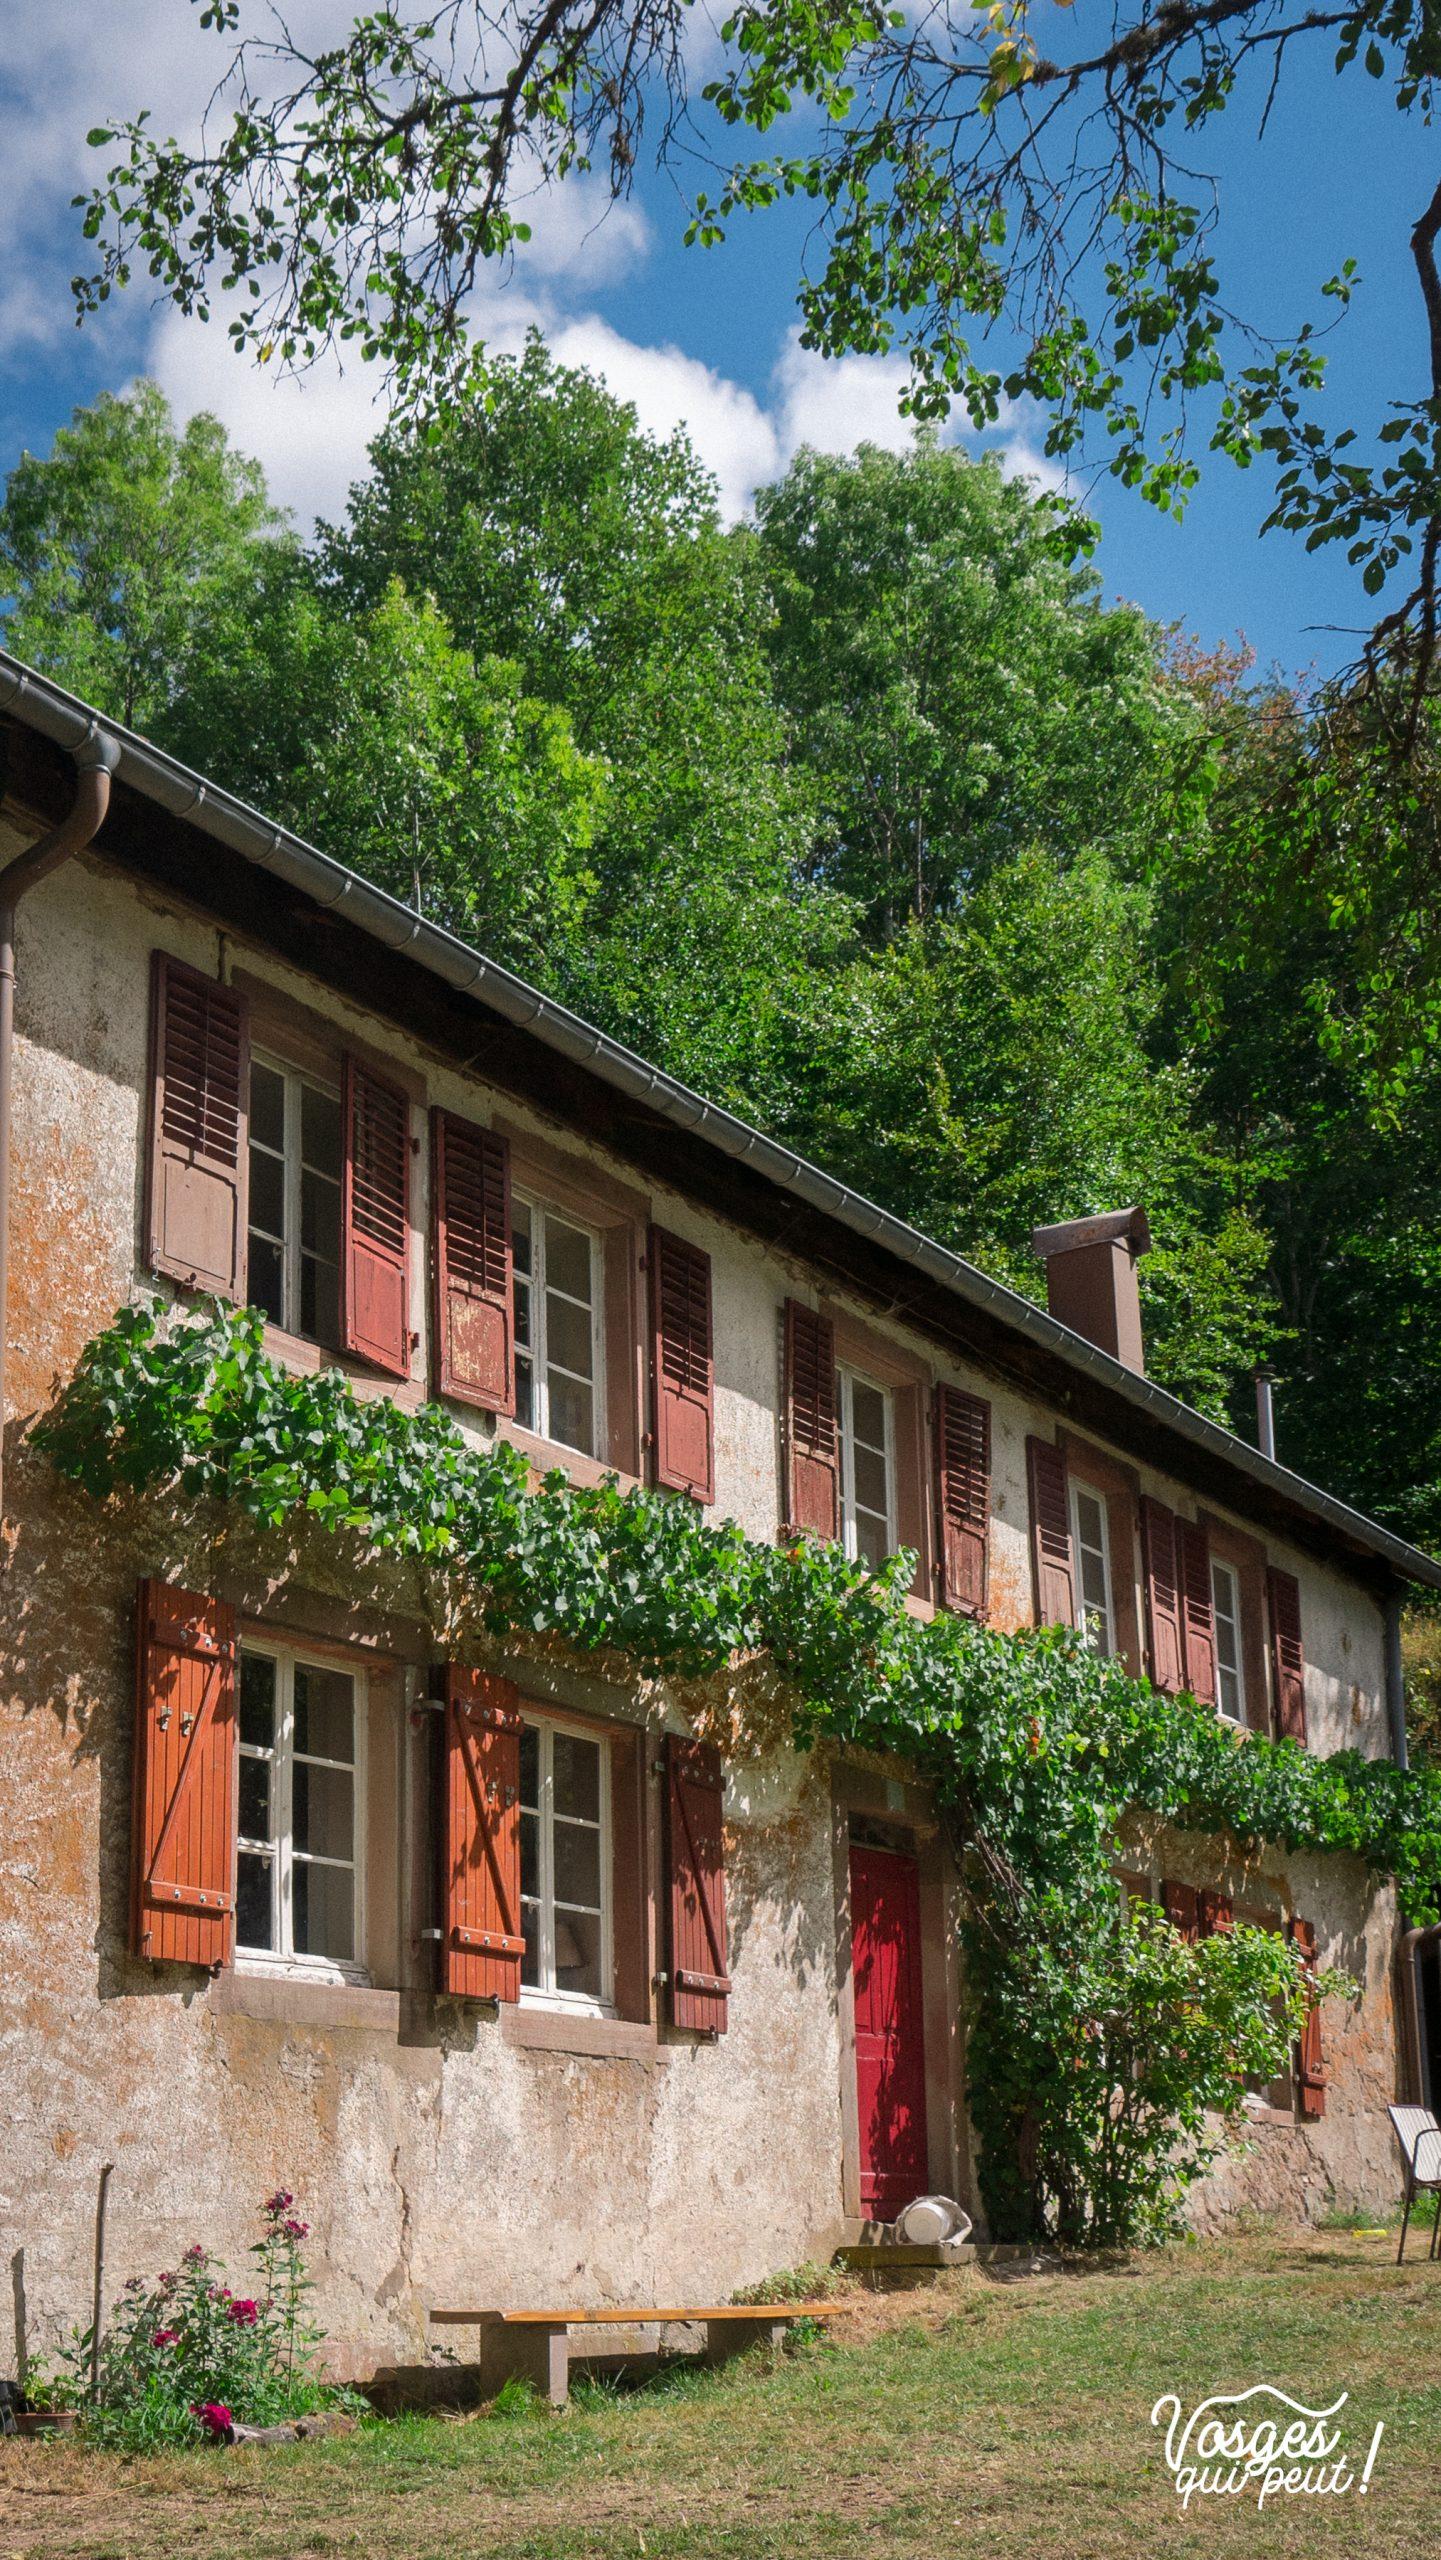 Une maison fleurie au lieu-dit Le Trou en-dessous du village de Belmont